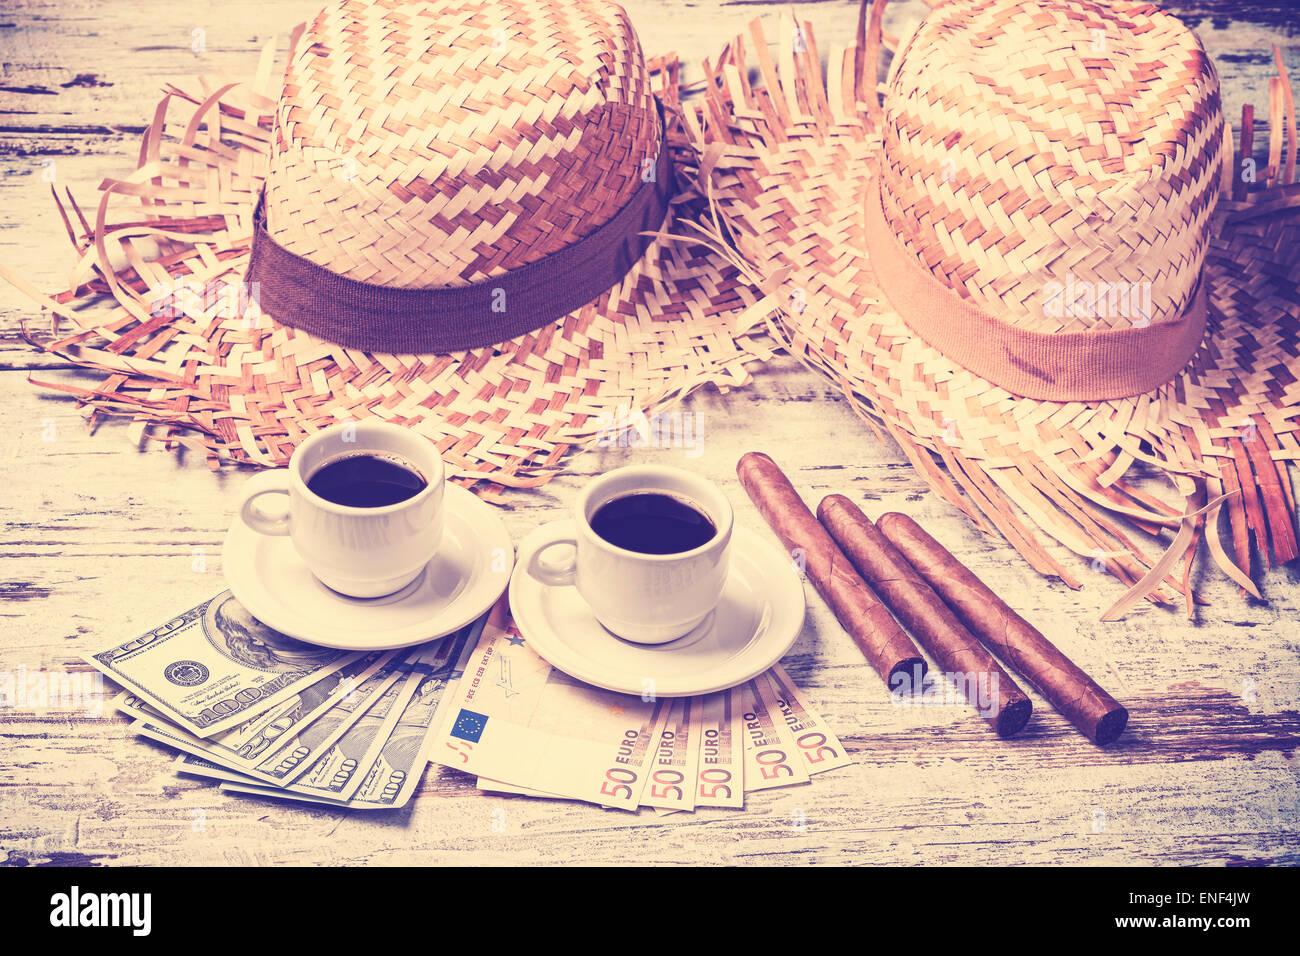 Jahrgang gefiltert, Kaffee, Zigarren, Geld und Hüte. Sommer-Abenteuer-Konzept. Stockbild